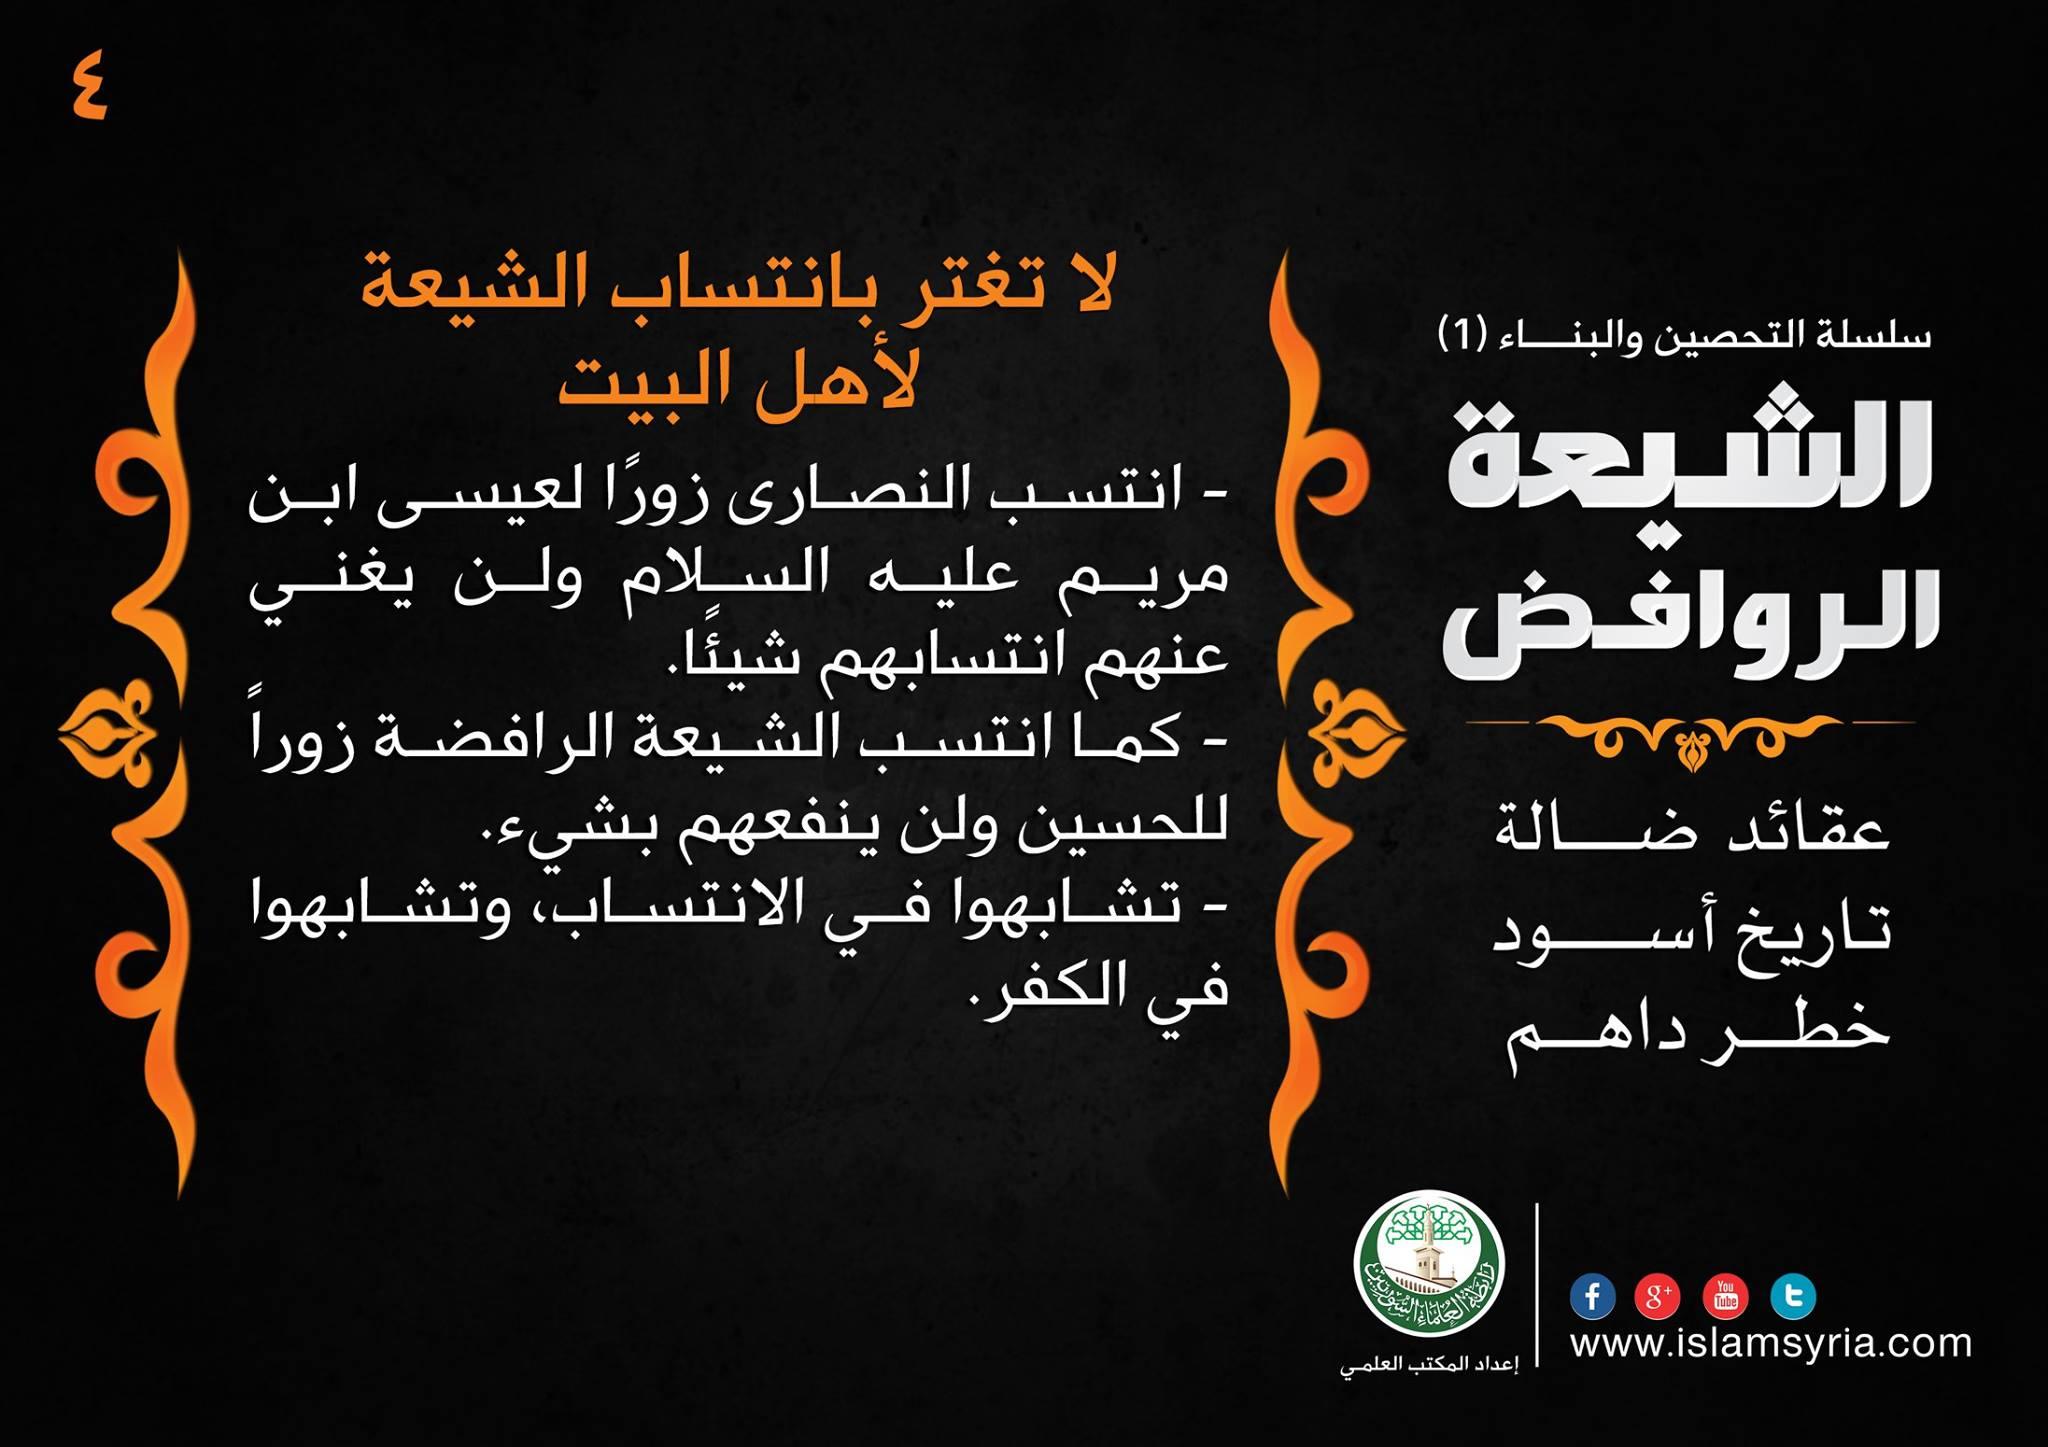 سلسلة التحصين والبناء -4- الشيعة الروافض